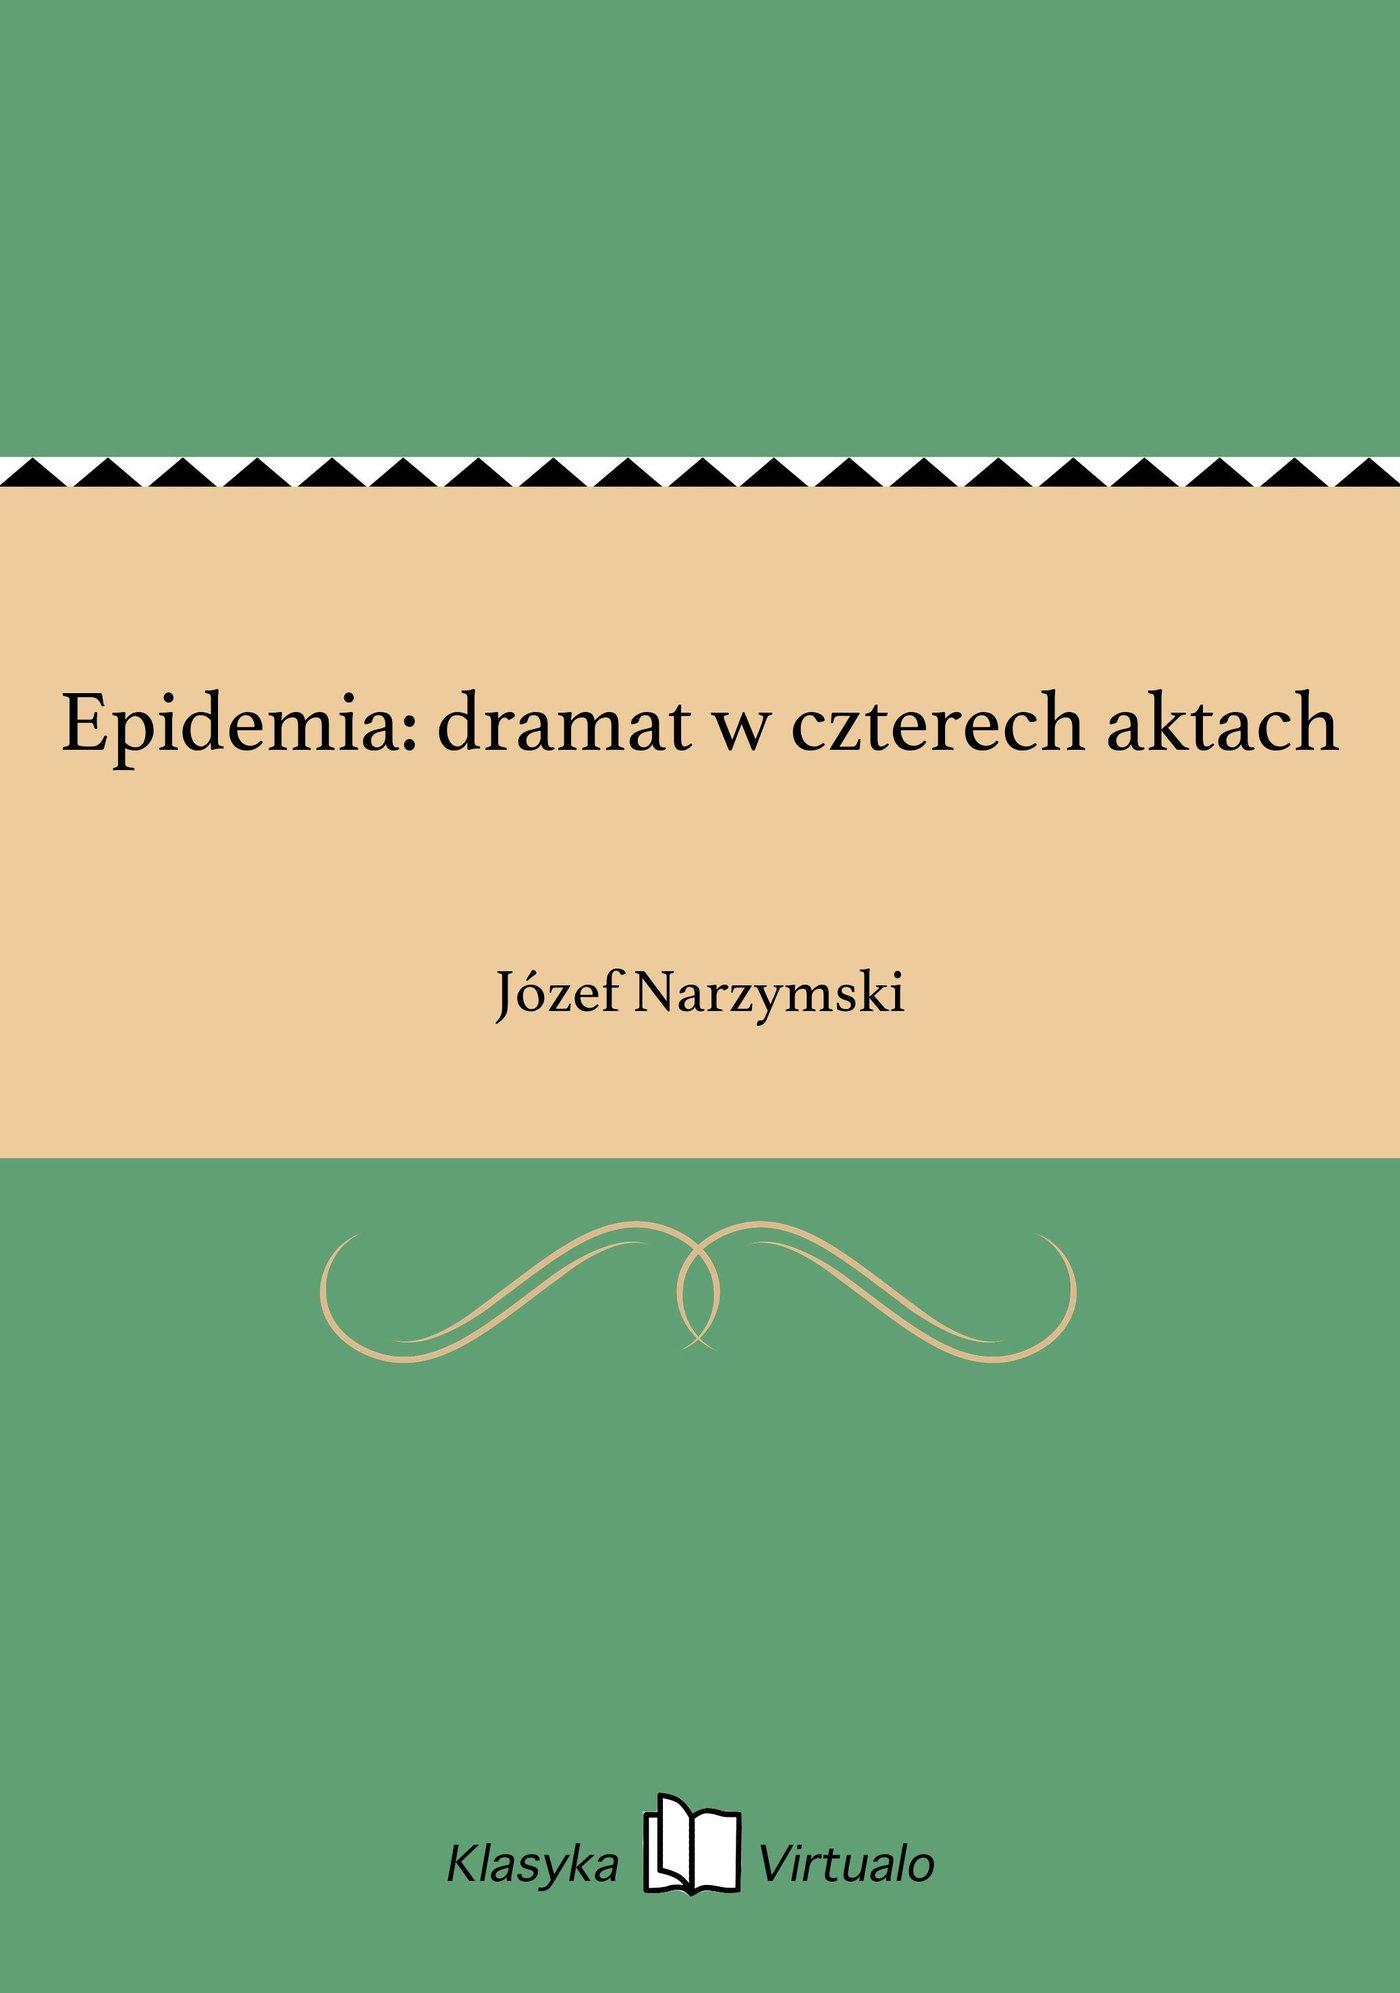 Epidemia: dramat w czterech aktach - Ebook (Książka na Kindle) do pobrania w formacie MOBI